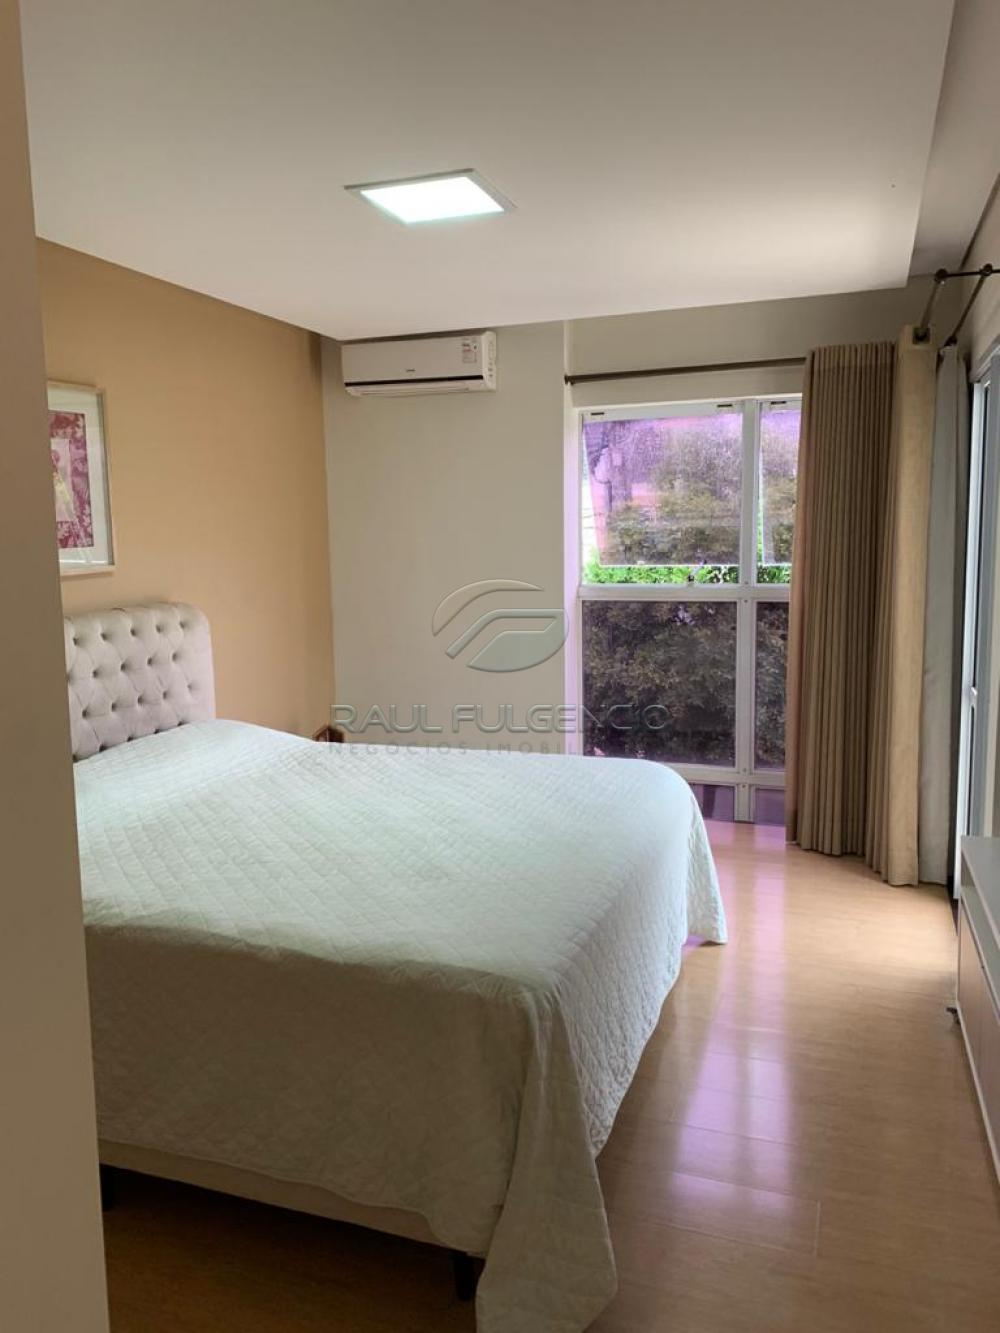 Comprar Casa / Condomínio Sobrado em Londrina apenas R$ 840.000,00 - Foto 10